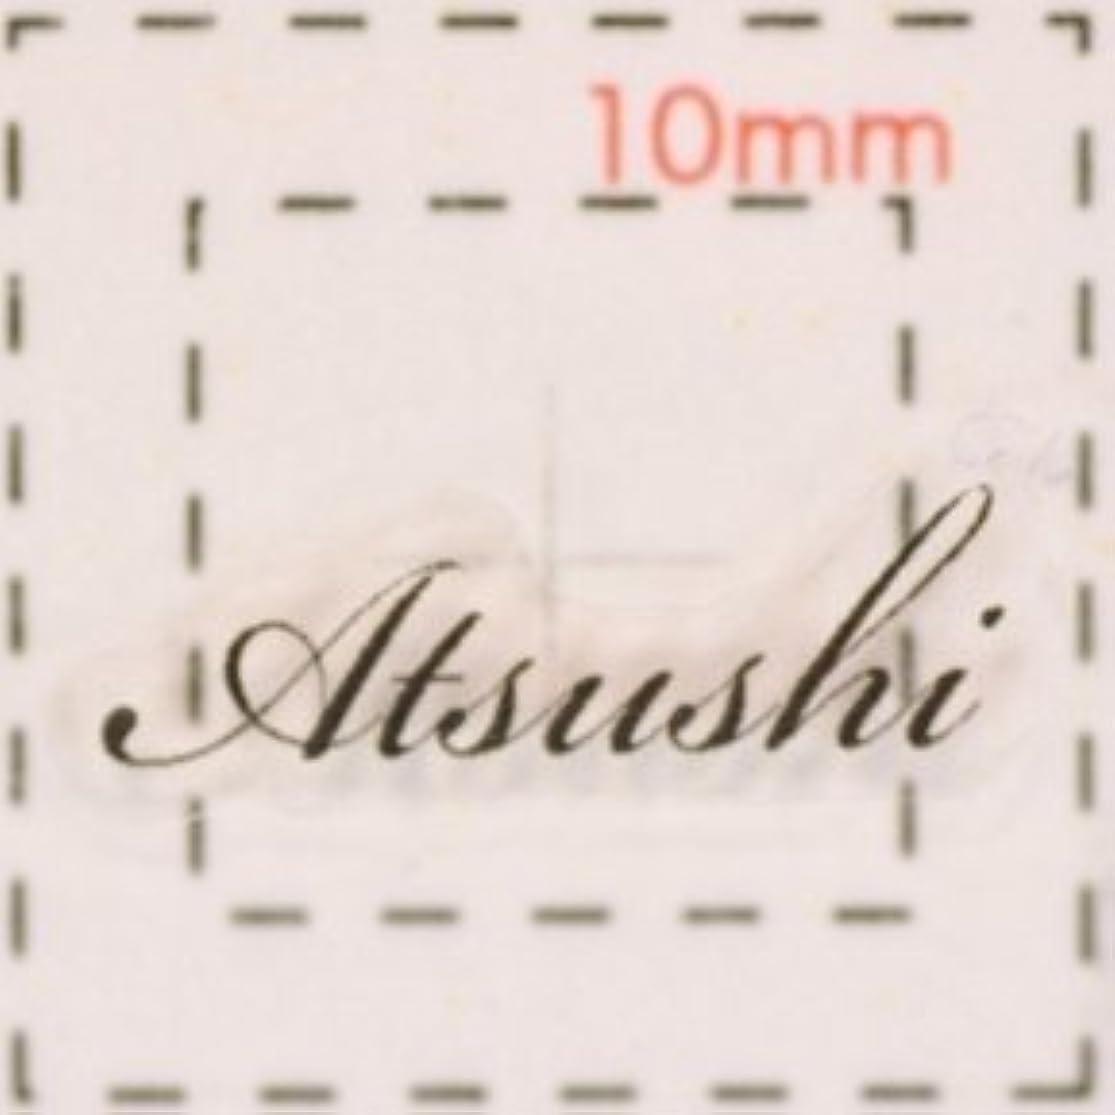 冷える欺くくすぐったい名前 ネイルシール【アルファベット?イニシャル】デザイン( Atsushi あつし)1シート6枚入